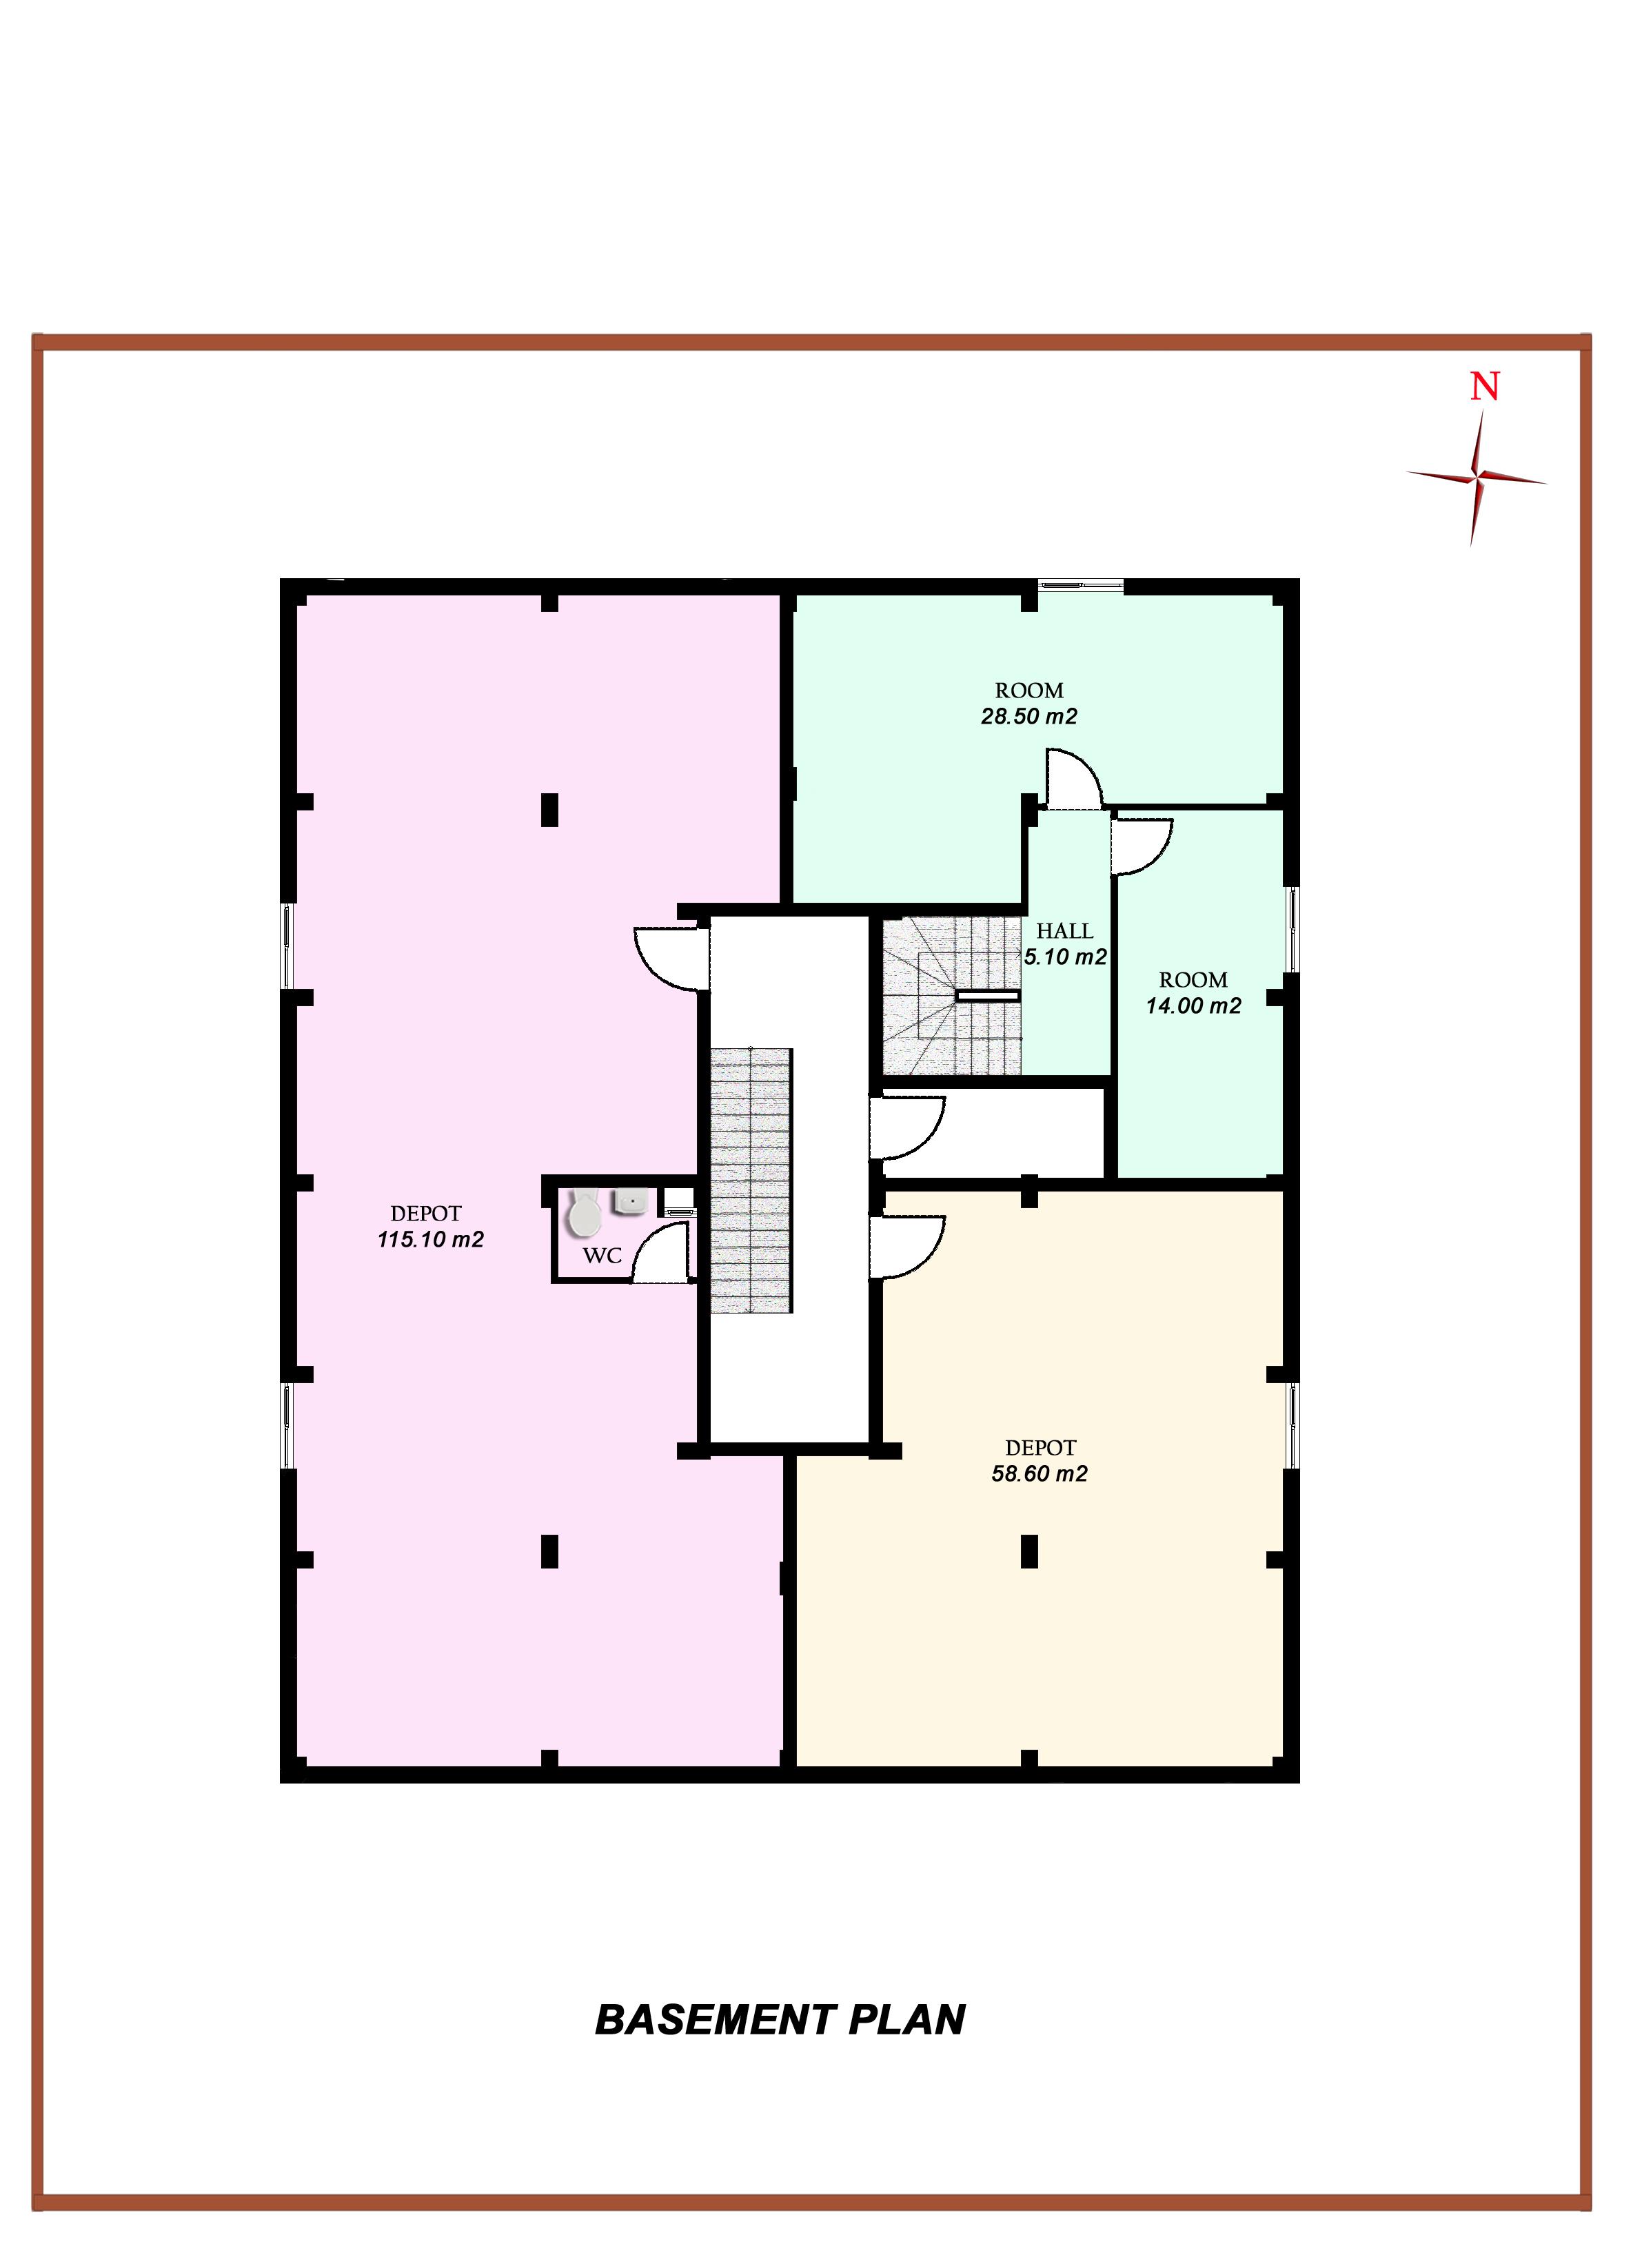 basement plans ideas photo - 1